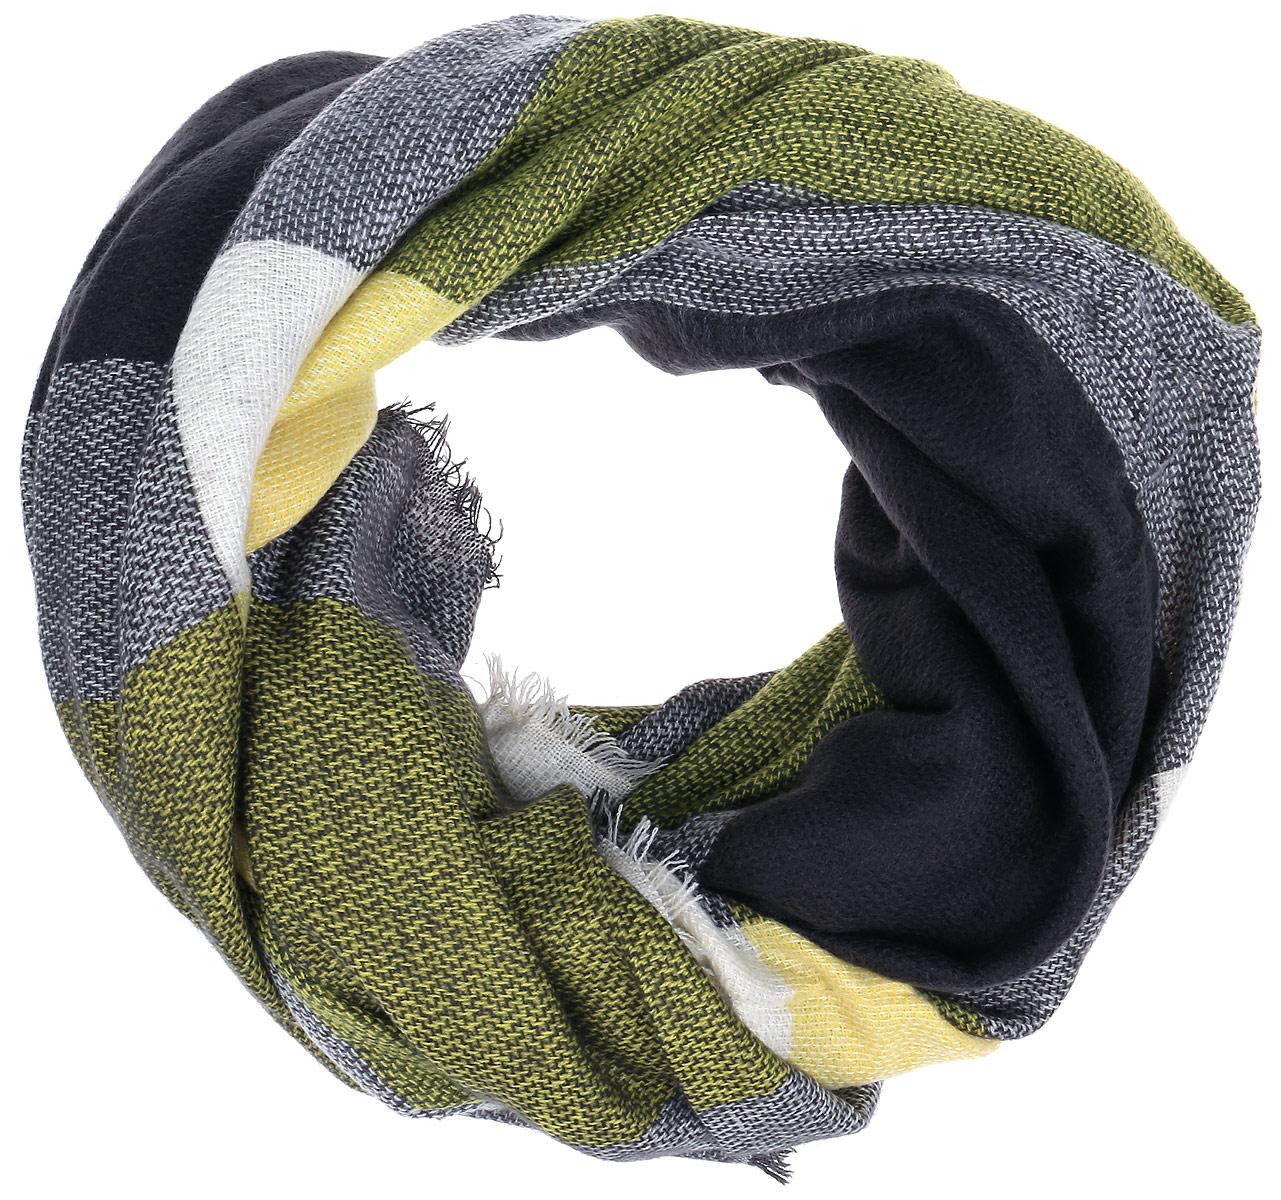 ПлатокB310_Grey-Yellow CheckedСтильный женский платок Baon станет великолепным завершением любого наряда. Платок изготовлен из высококачественного акрила с добавлением шерсти и оформлен оригинальными принтом в клетку. По краям платок оформлен тонкой бахромой. Легкий, теплый, мягкий и шелковистый платок поможет вам создать изысканный женственный образ, а также согреет в непогоду. Такой платок превосходно дополнит любой наряд и подчеркнет ваш неповторимый вкус и элегантность.